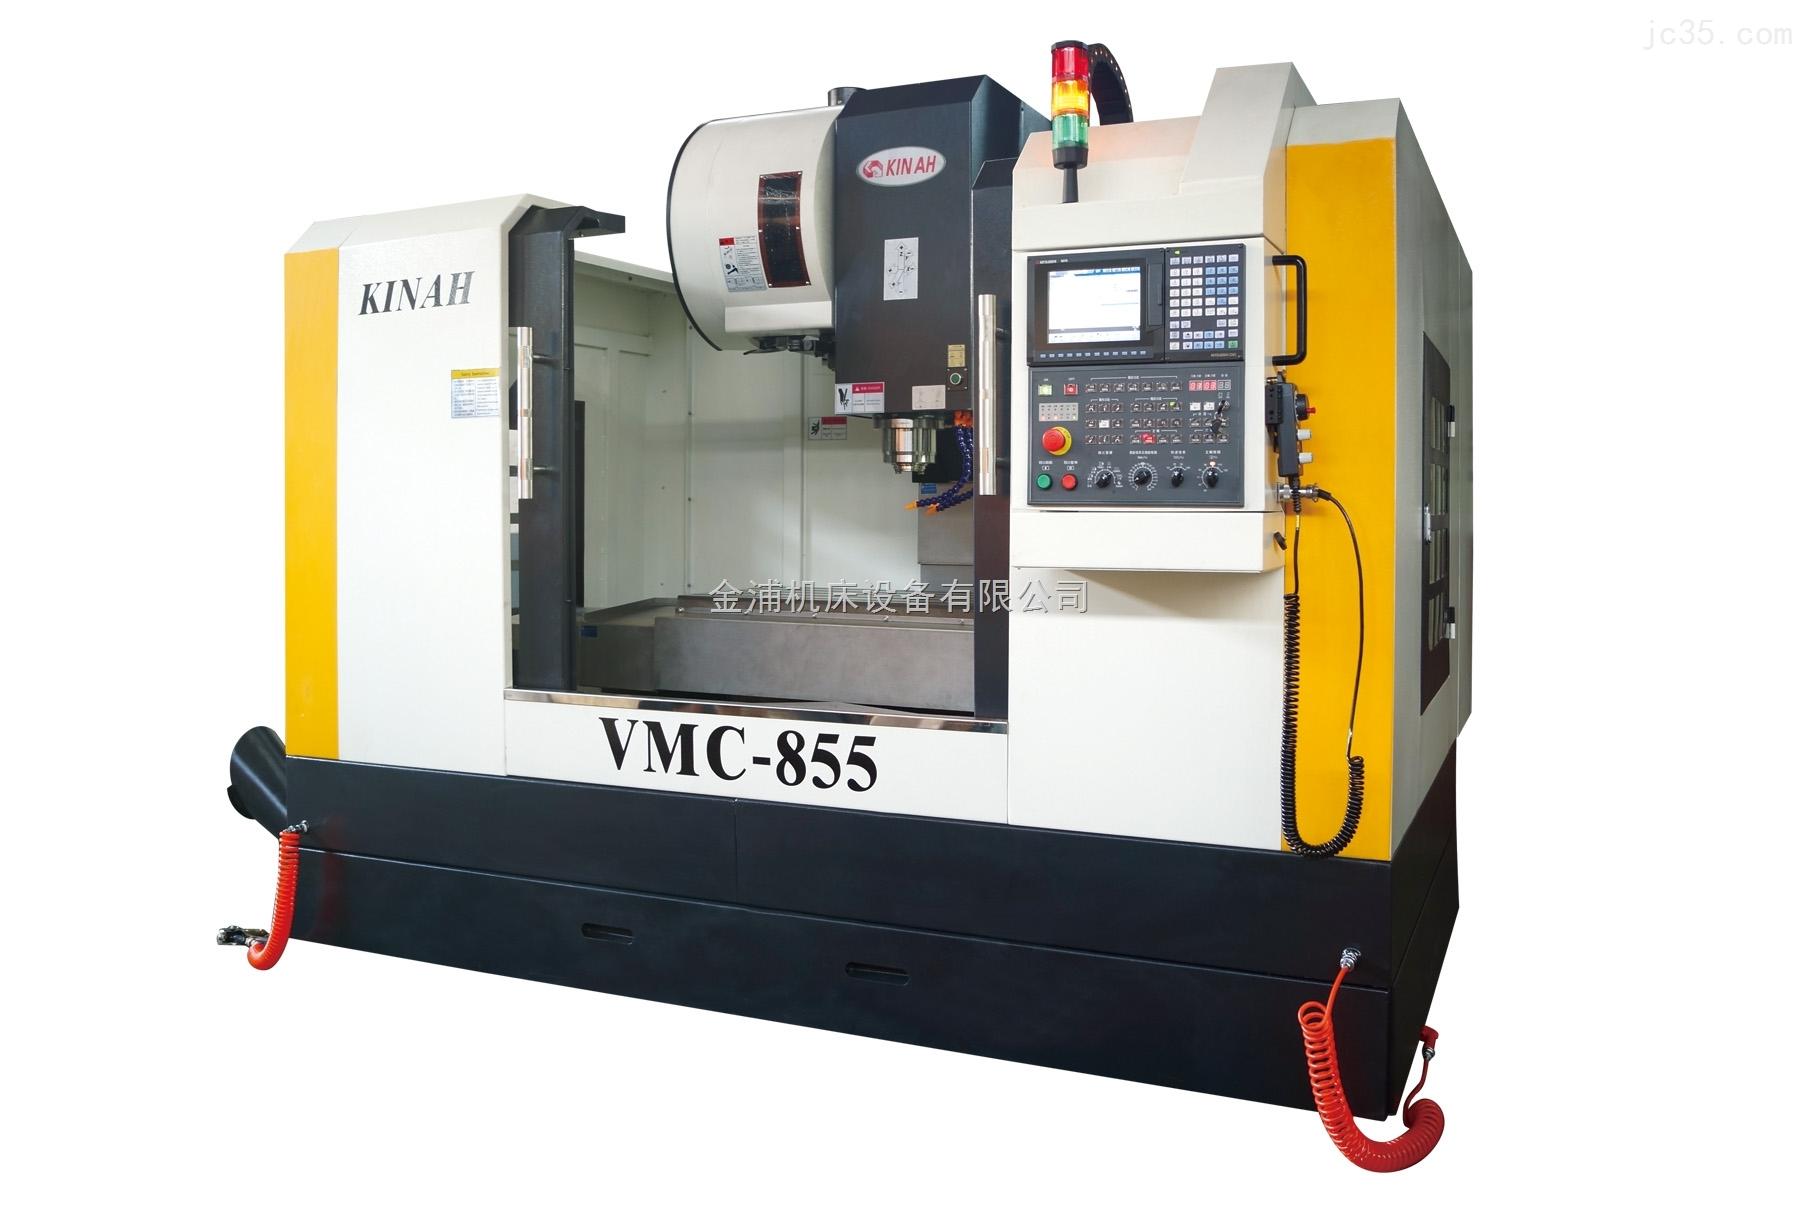 金浦VMC-855立式加工中心